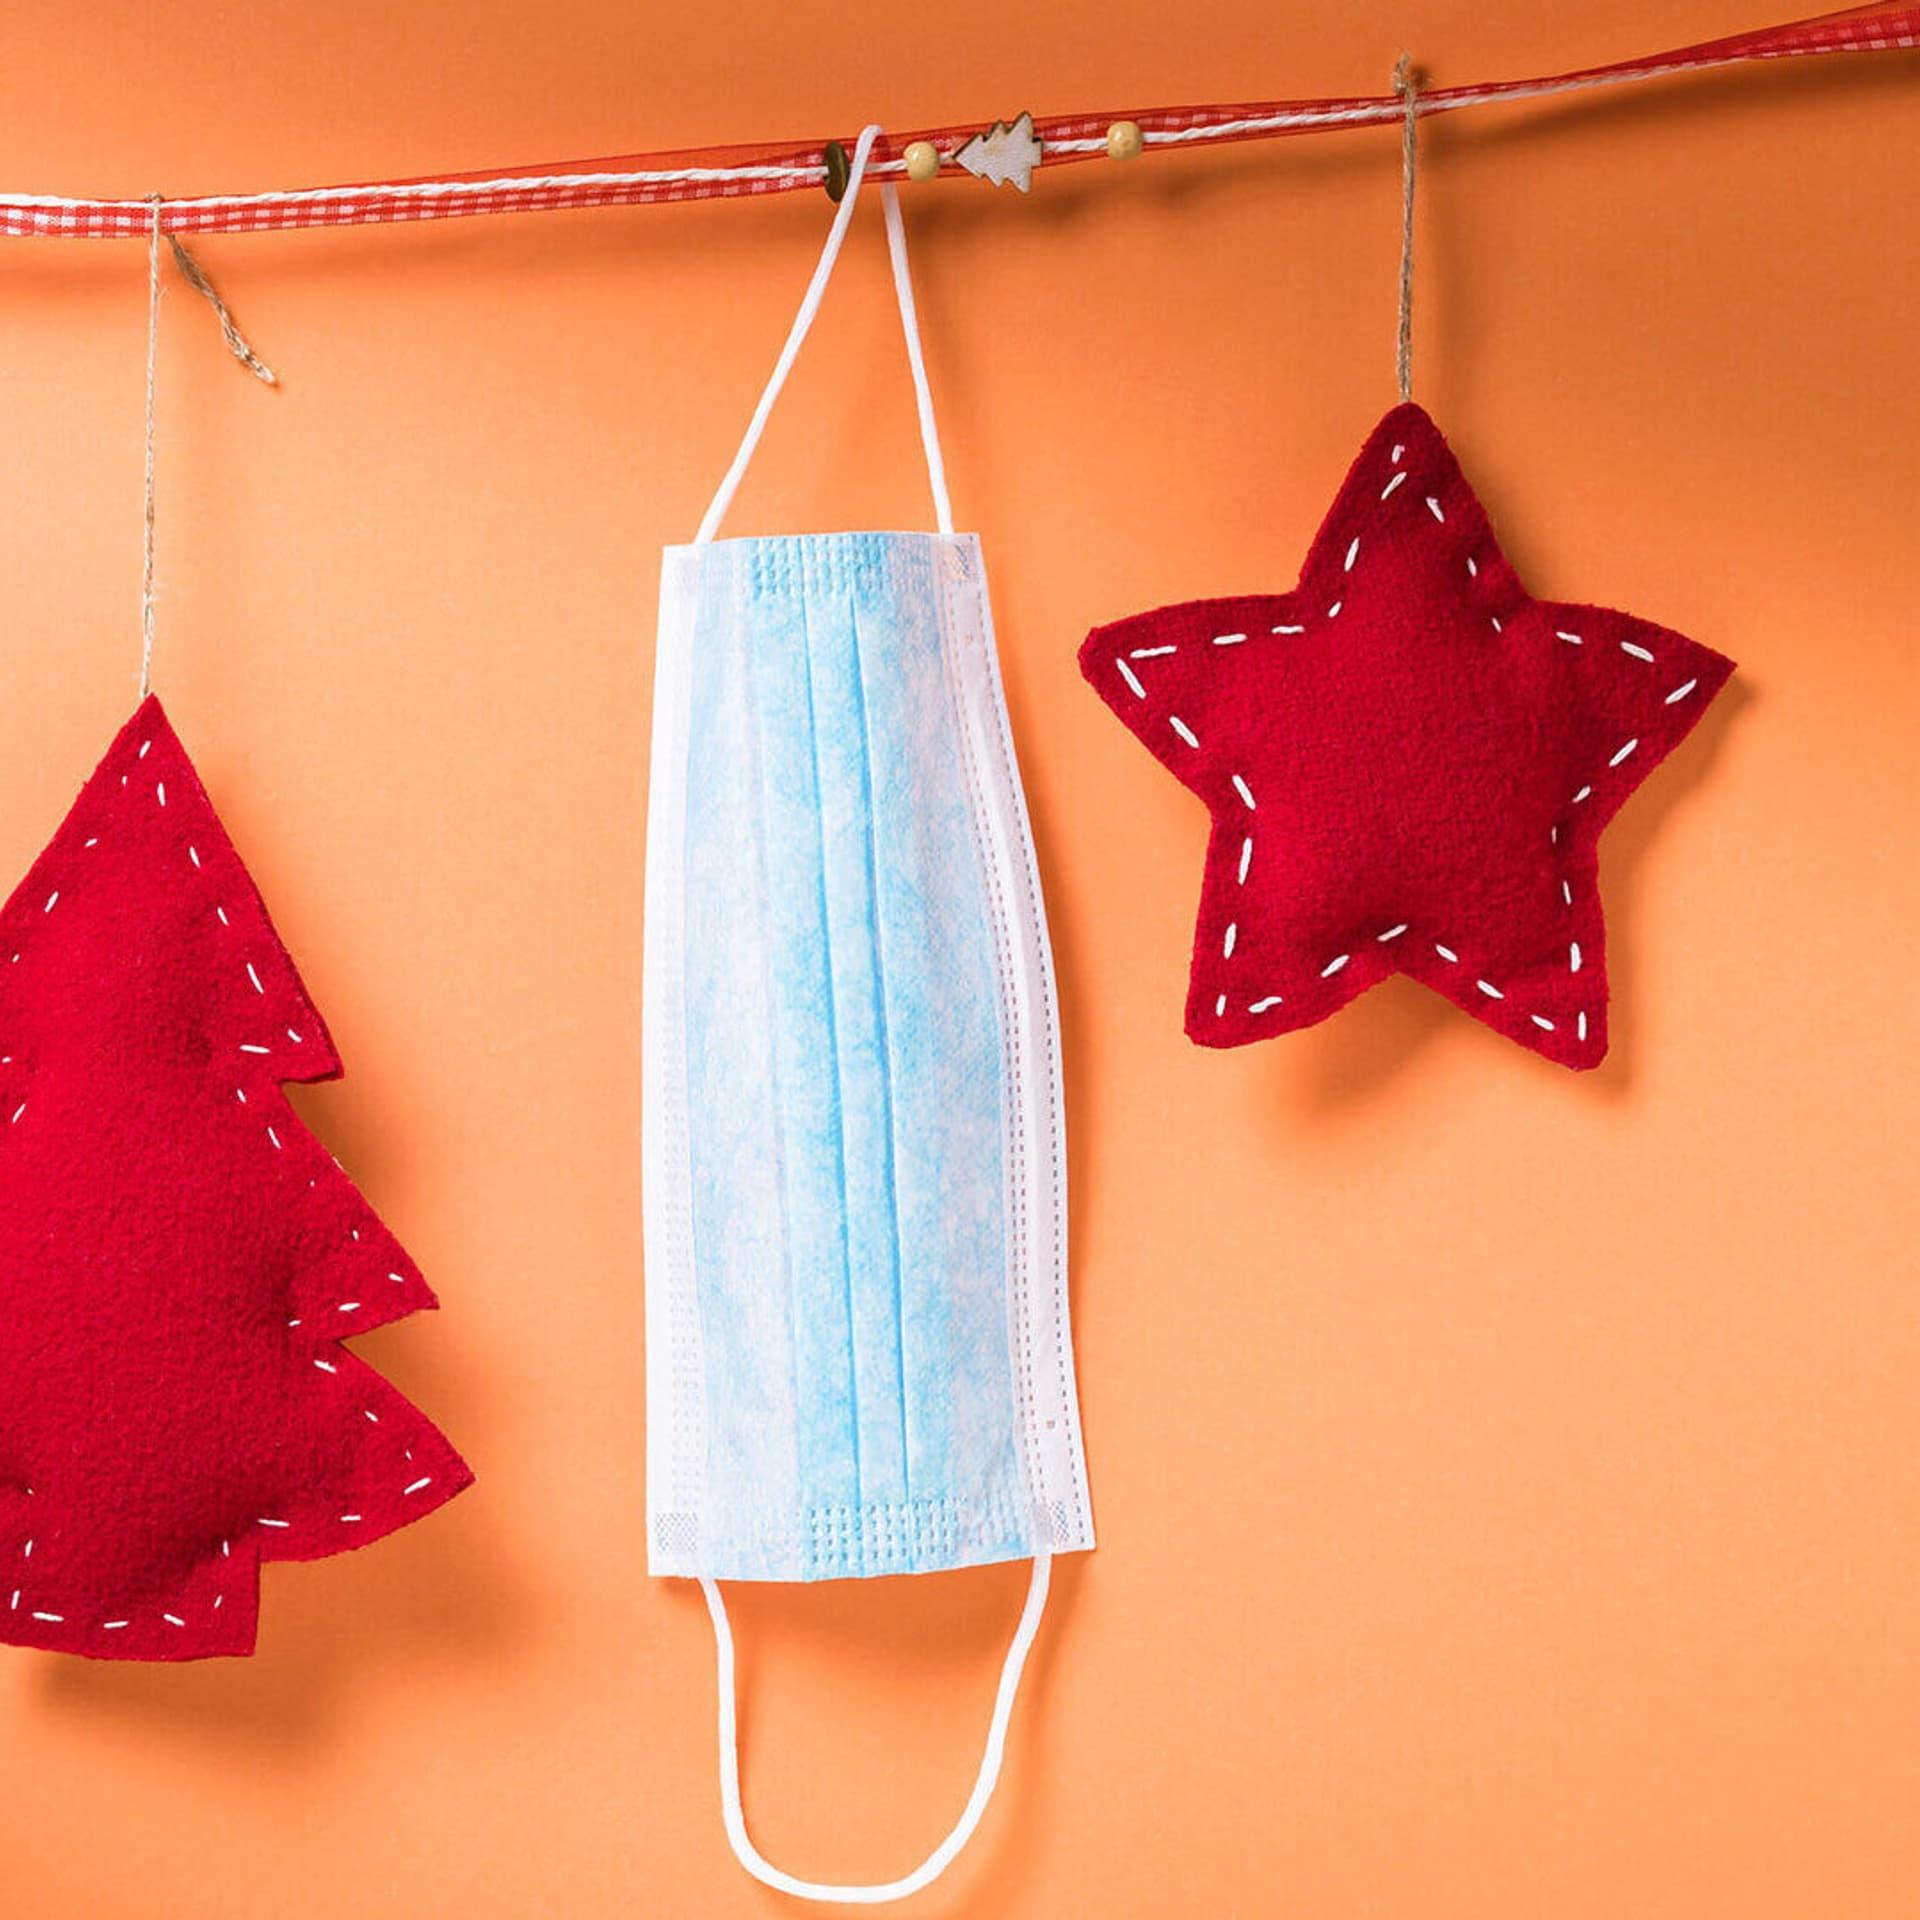 Weihnachtsdekoration und Atemmaske an einer Kette